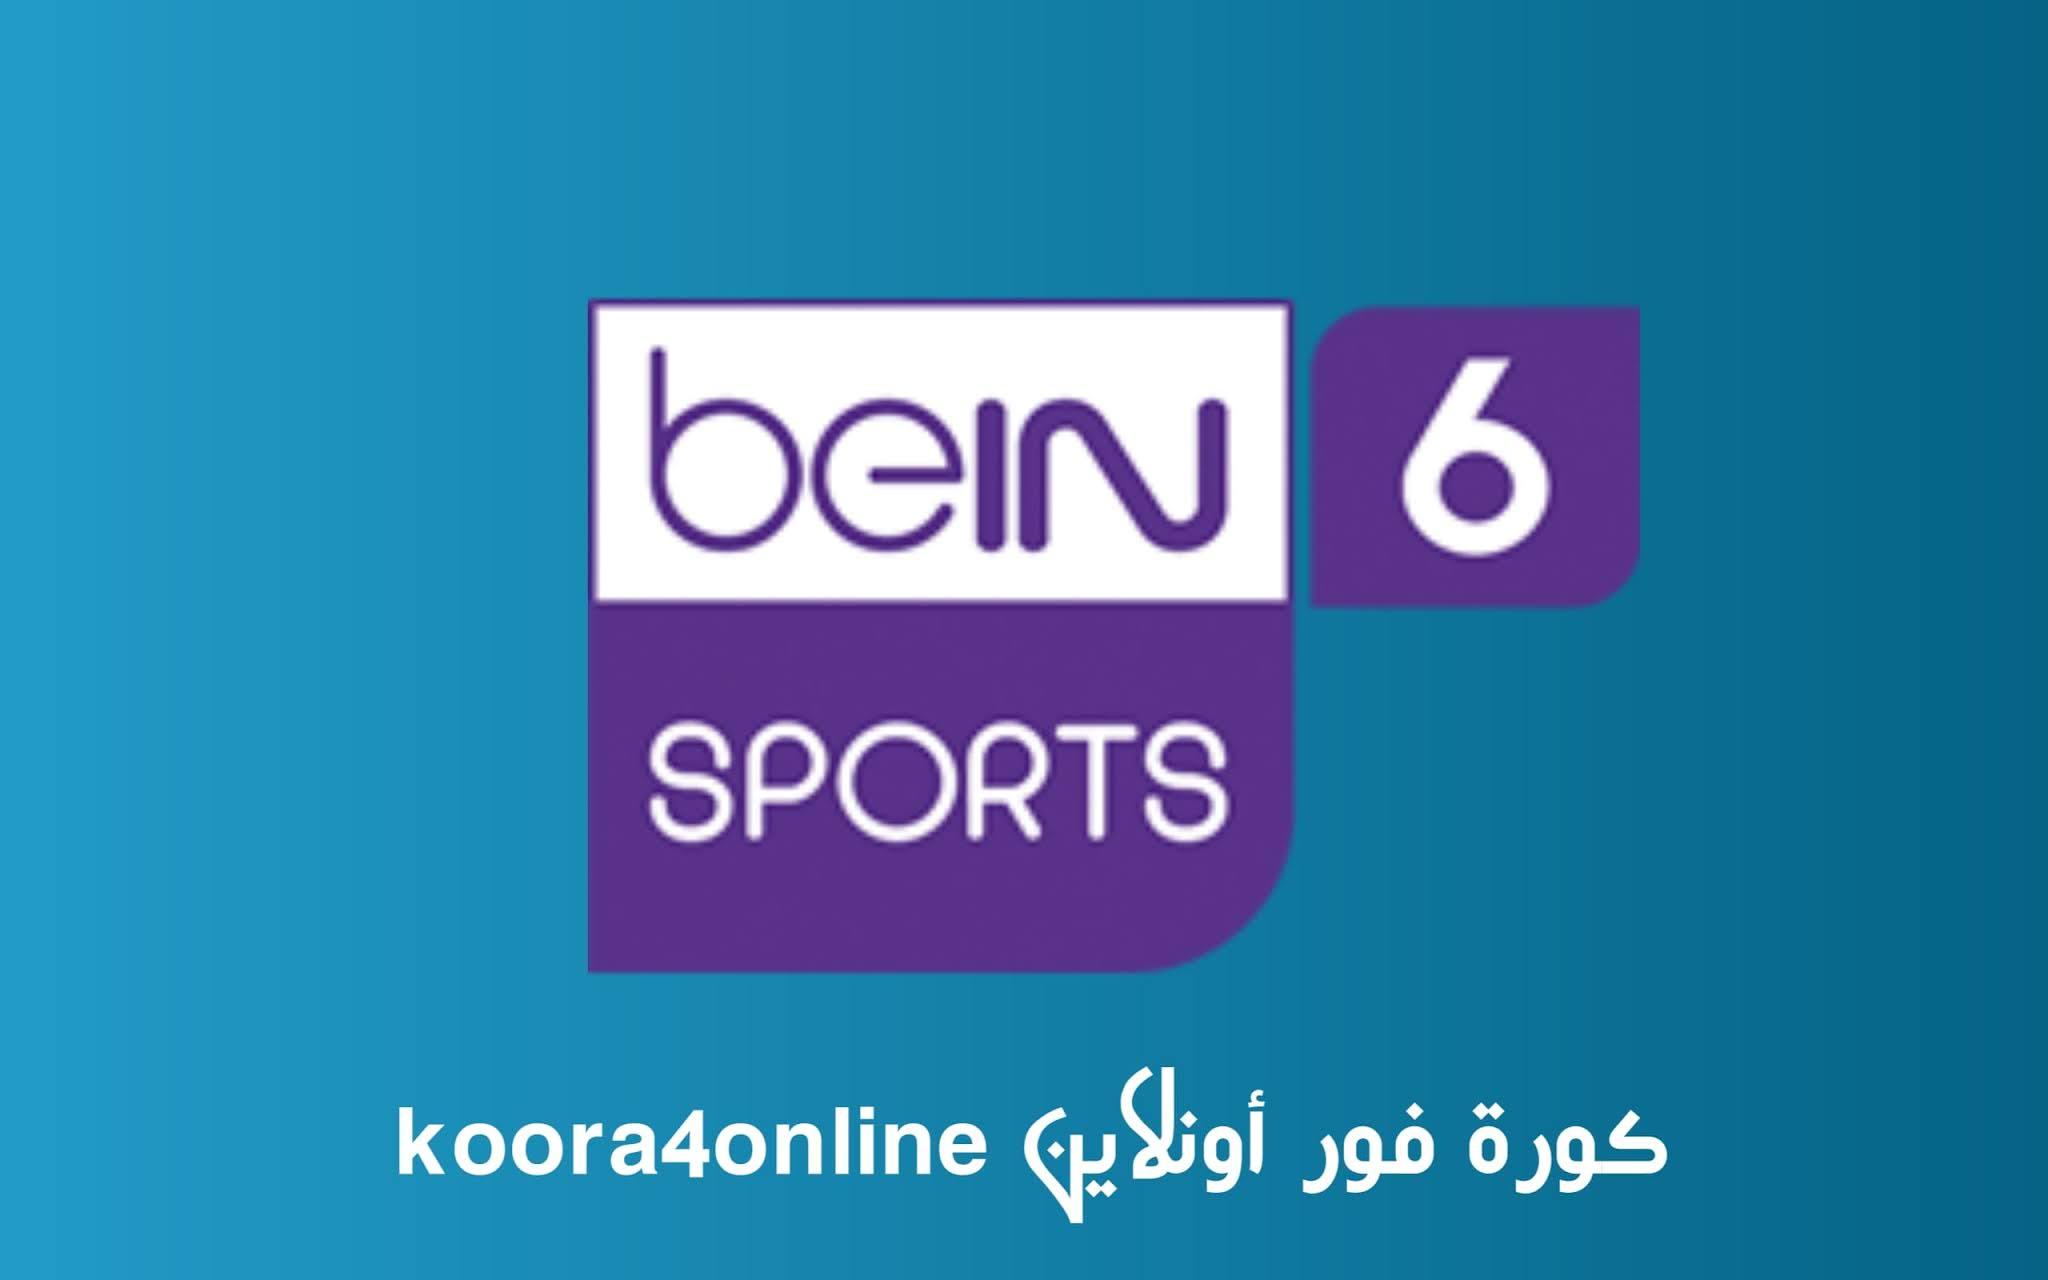 مشاهدة قناة بي إن سبورت لايف 6 - bein  sports 6hd - كورة فور أونلاين